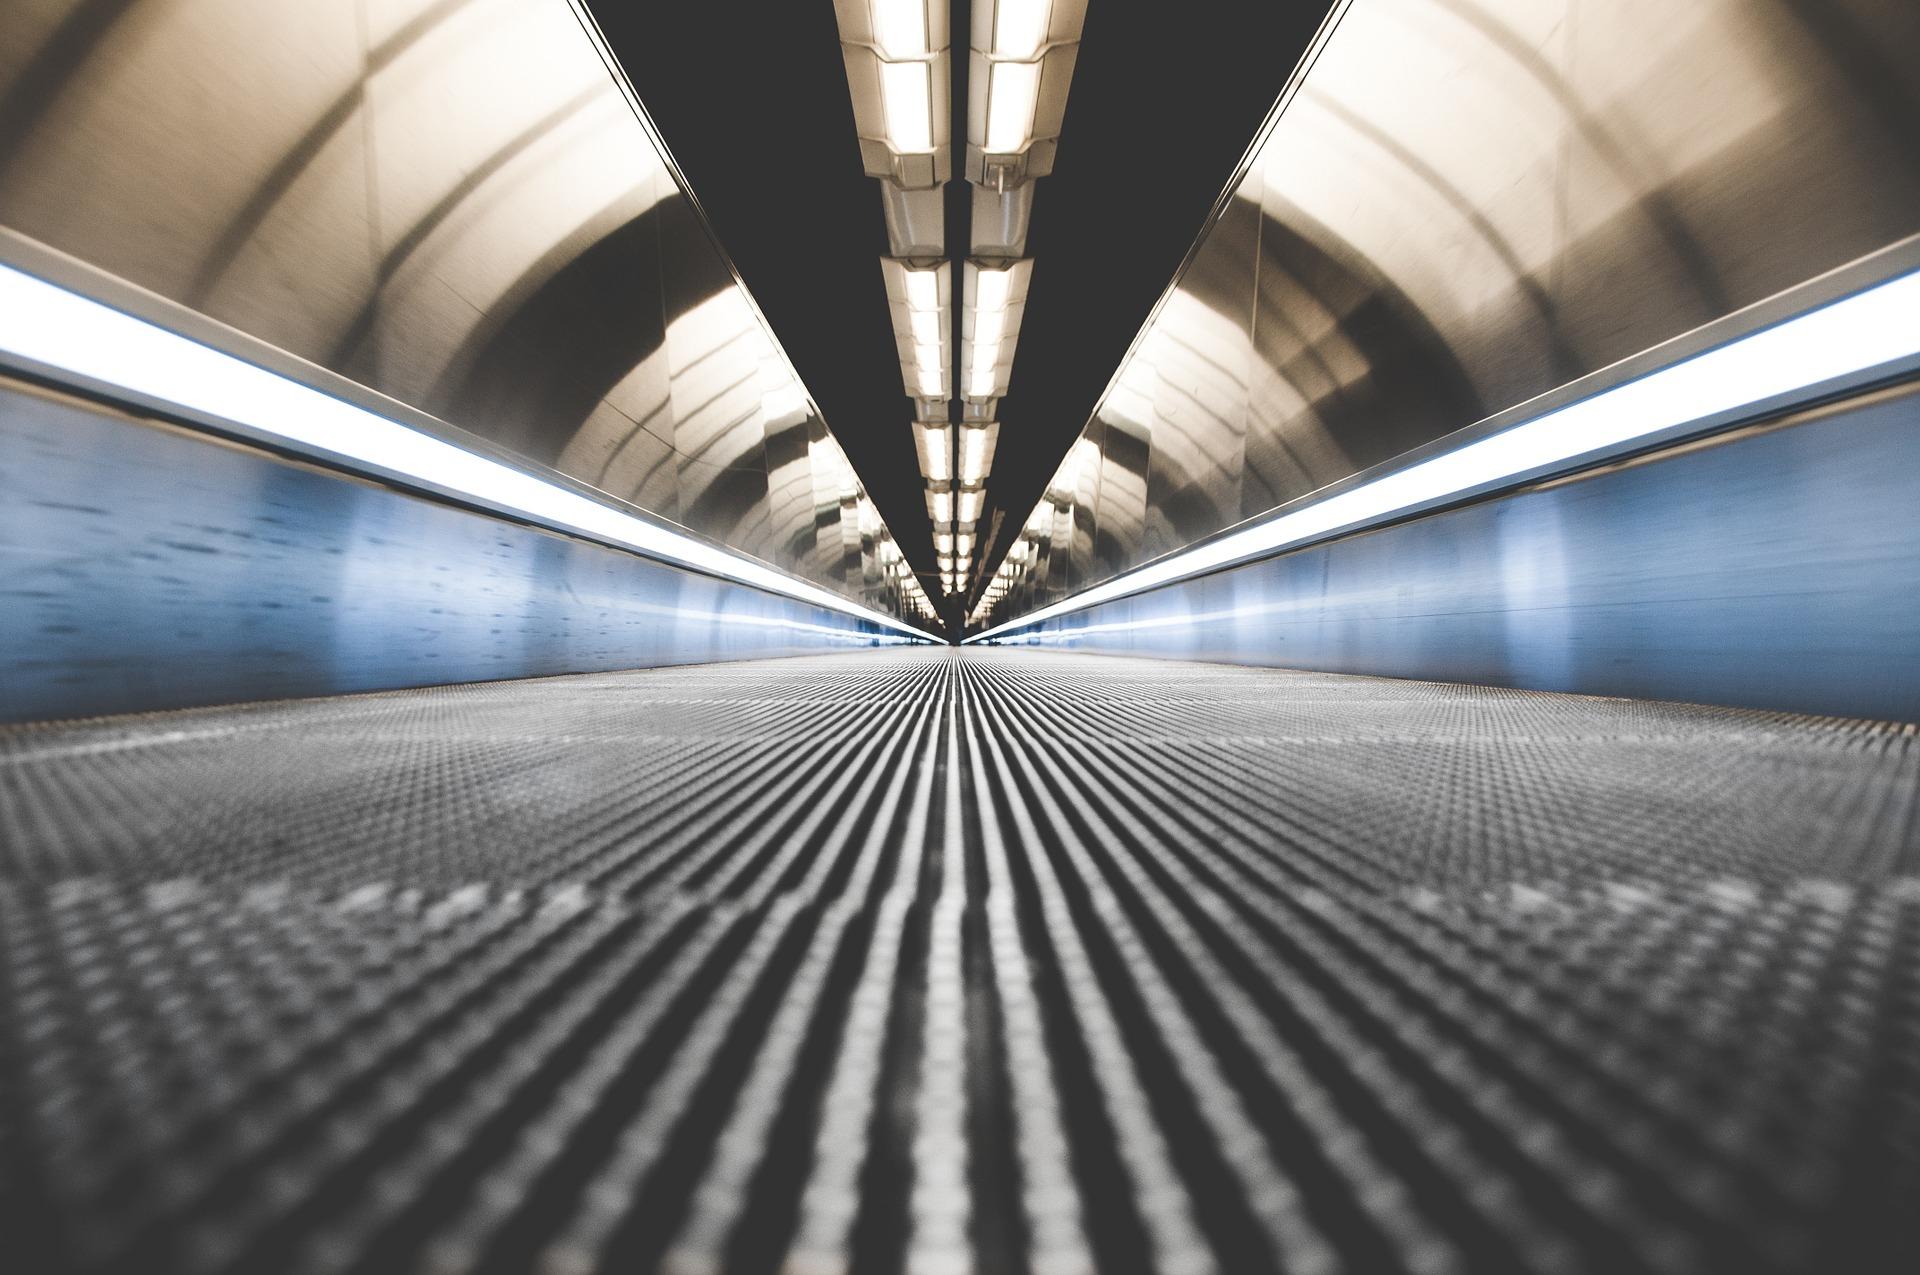 Redacción del estudio de viabilidad y alternativas de un trazado ferroviario entre la terminal multimodal de Jundiz y aeropuerto de Foronda